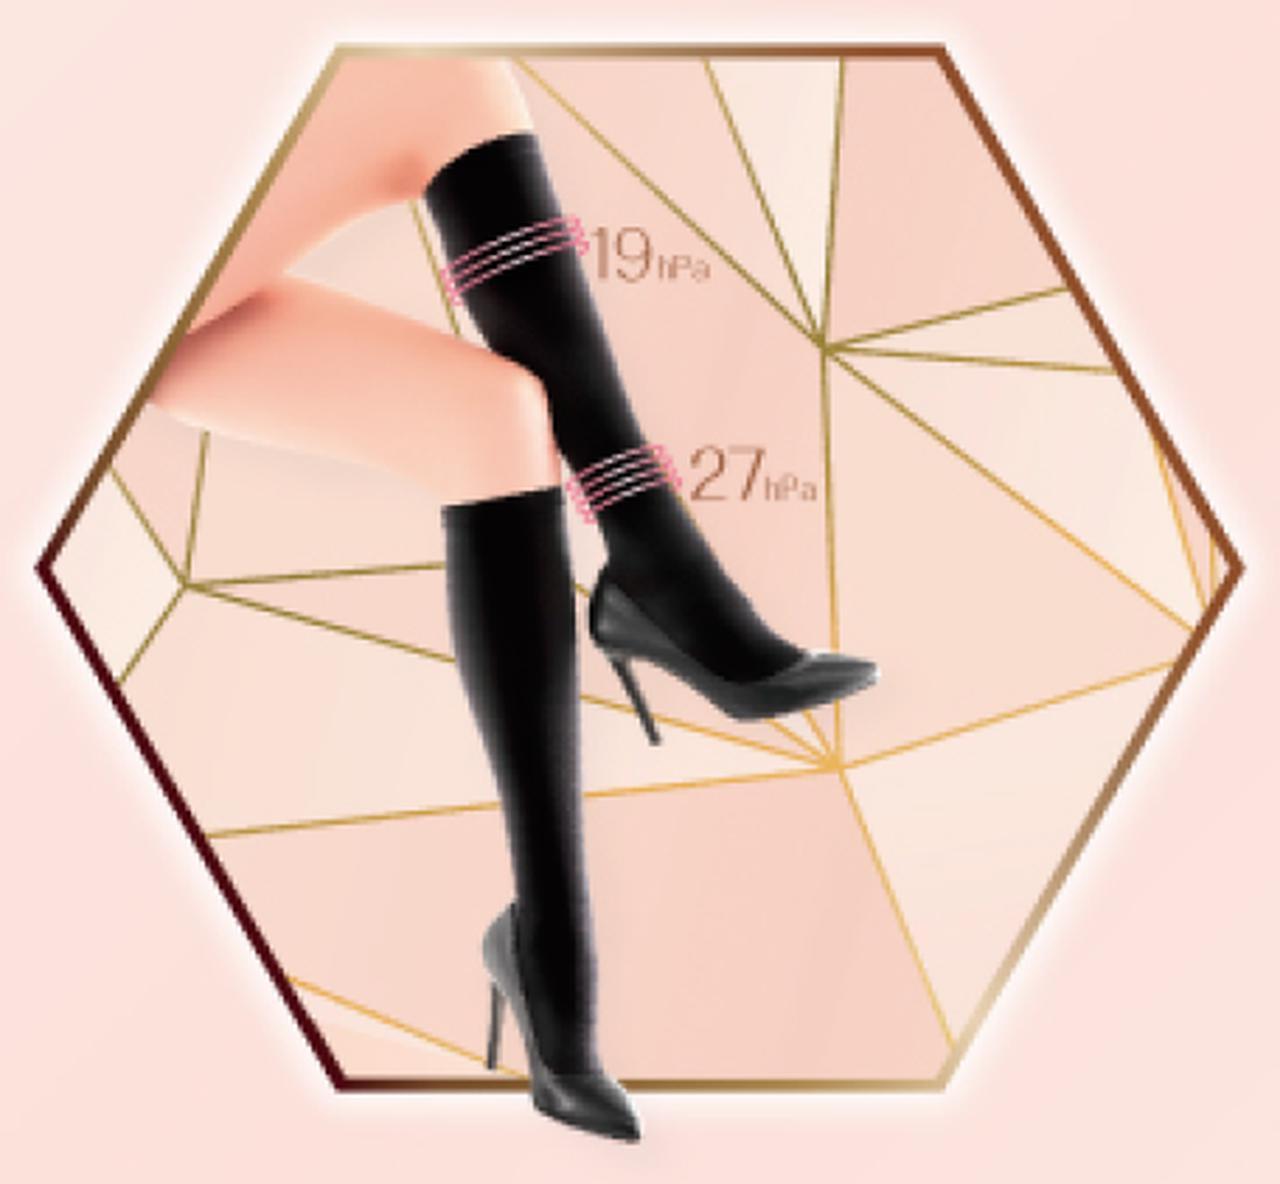 画像: ・段階圧力設計(足首27hPa、ふくらはぎ19hPa)で脚を軽やかにスッキリ整える ・快適W設計で1日中ムレ知らず ・つま先シームレスでスッキリ ・跡残りしにくい